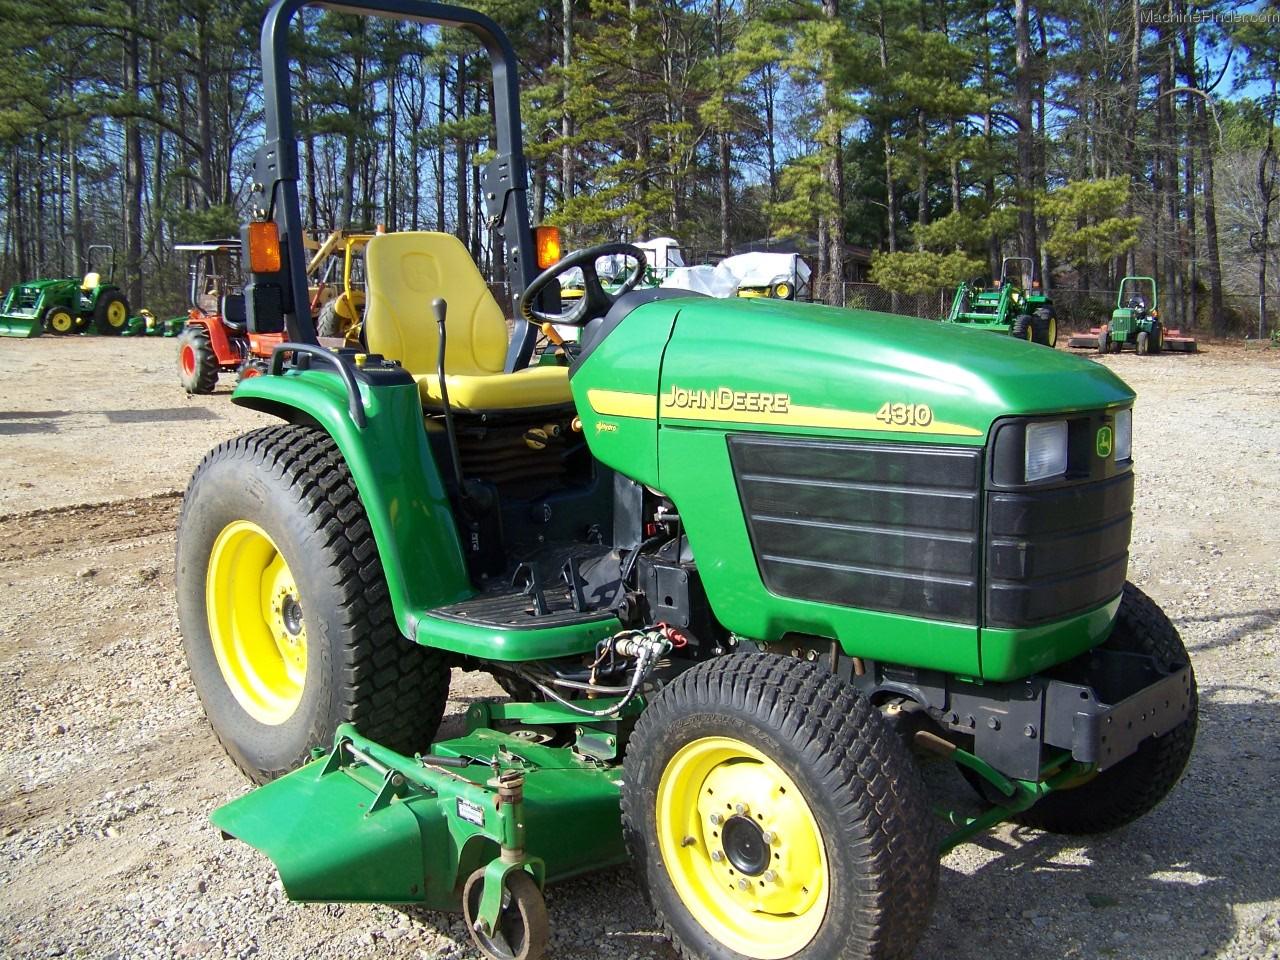 2004 John Deere 4310 Tractors - Compact  1-40hp